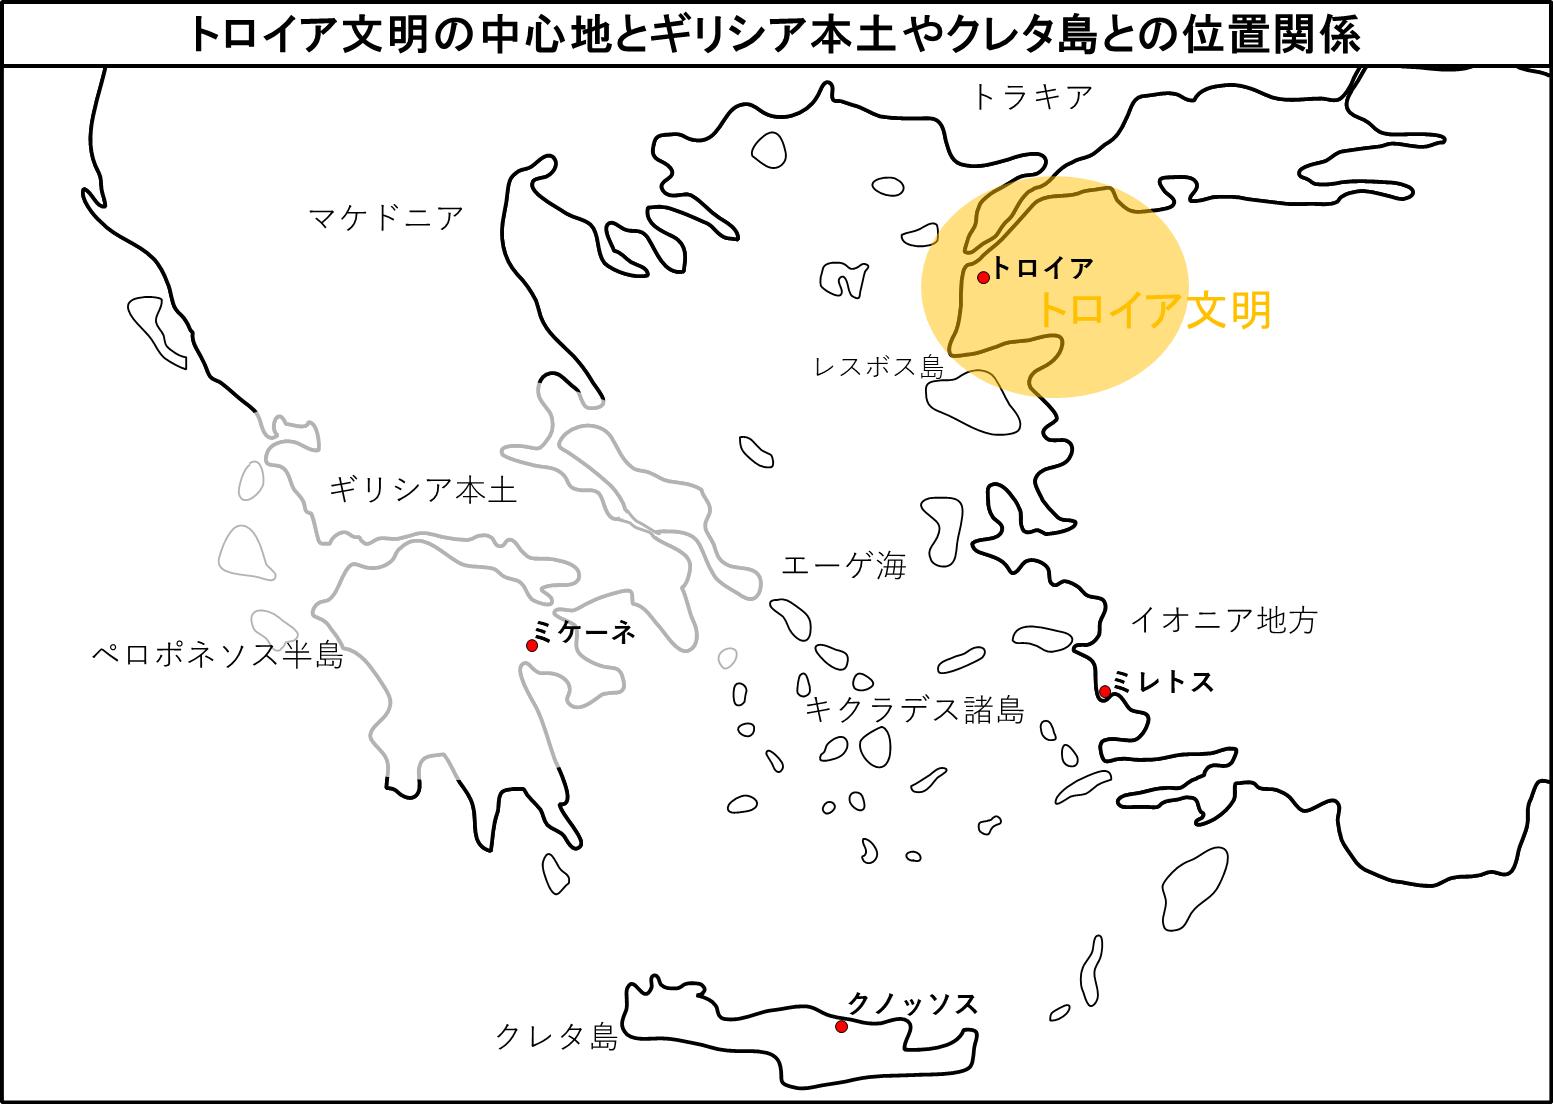 20200420① トロイア文明の中心地とギリシア本土やクレタ島との位置関係